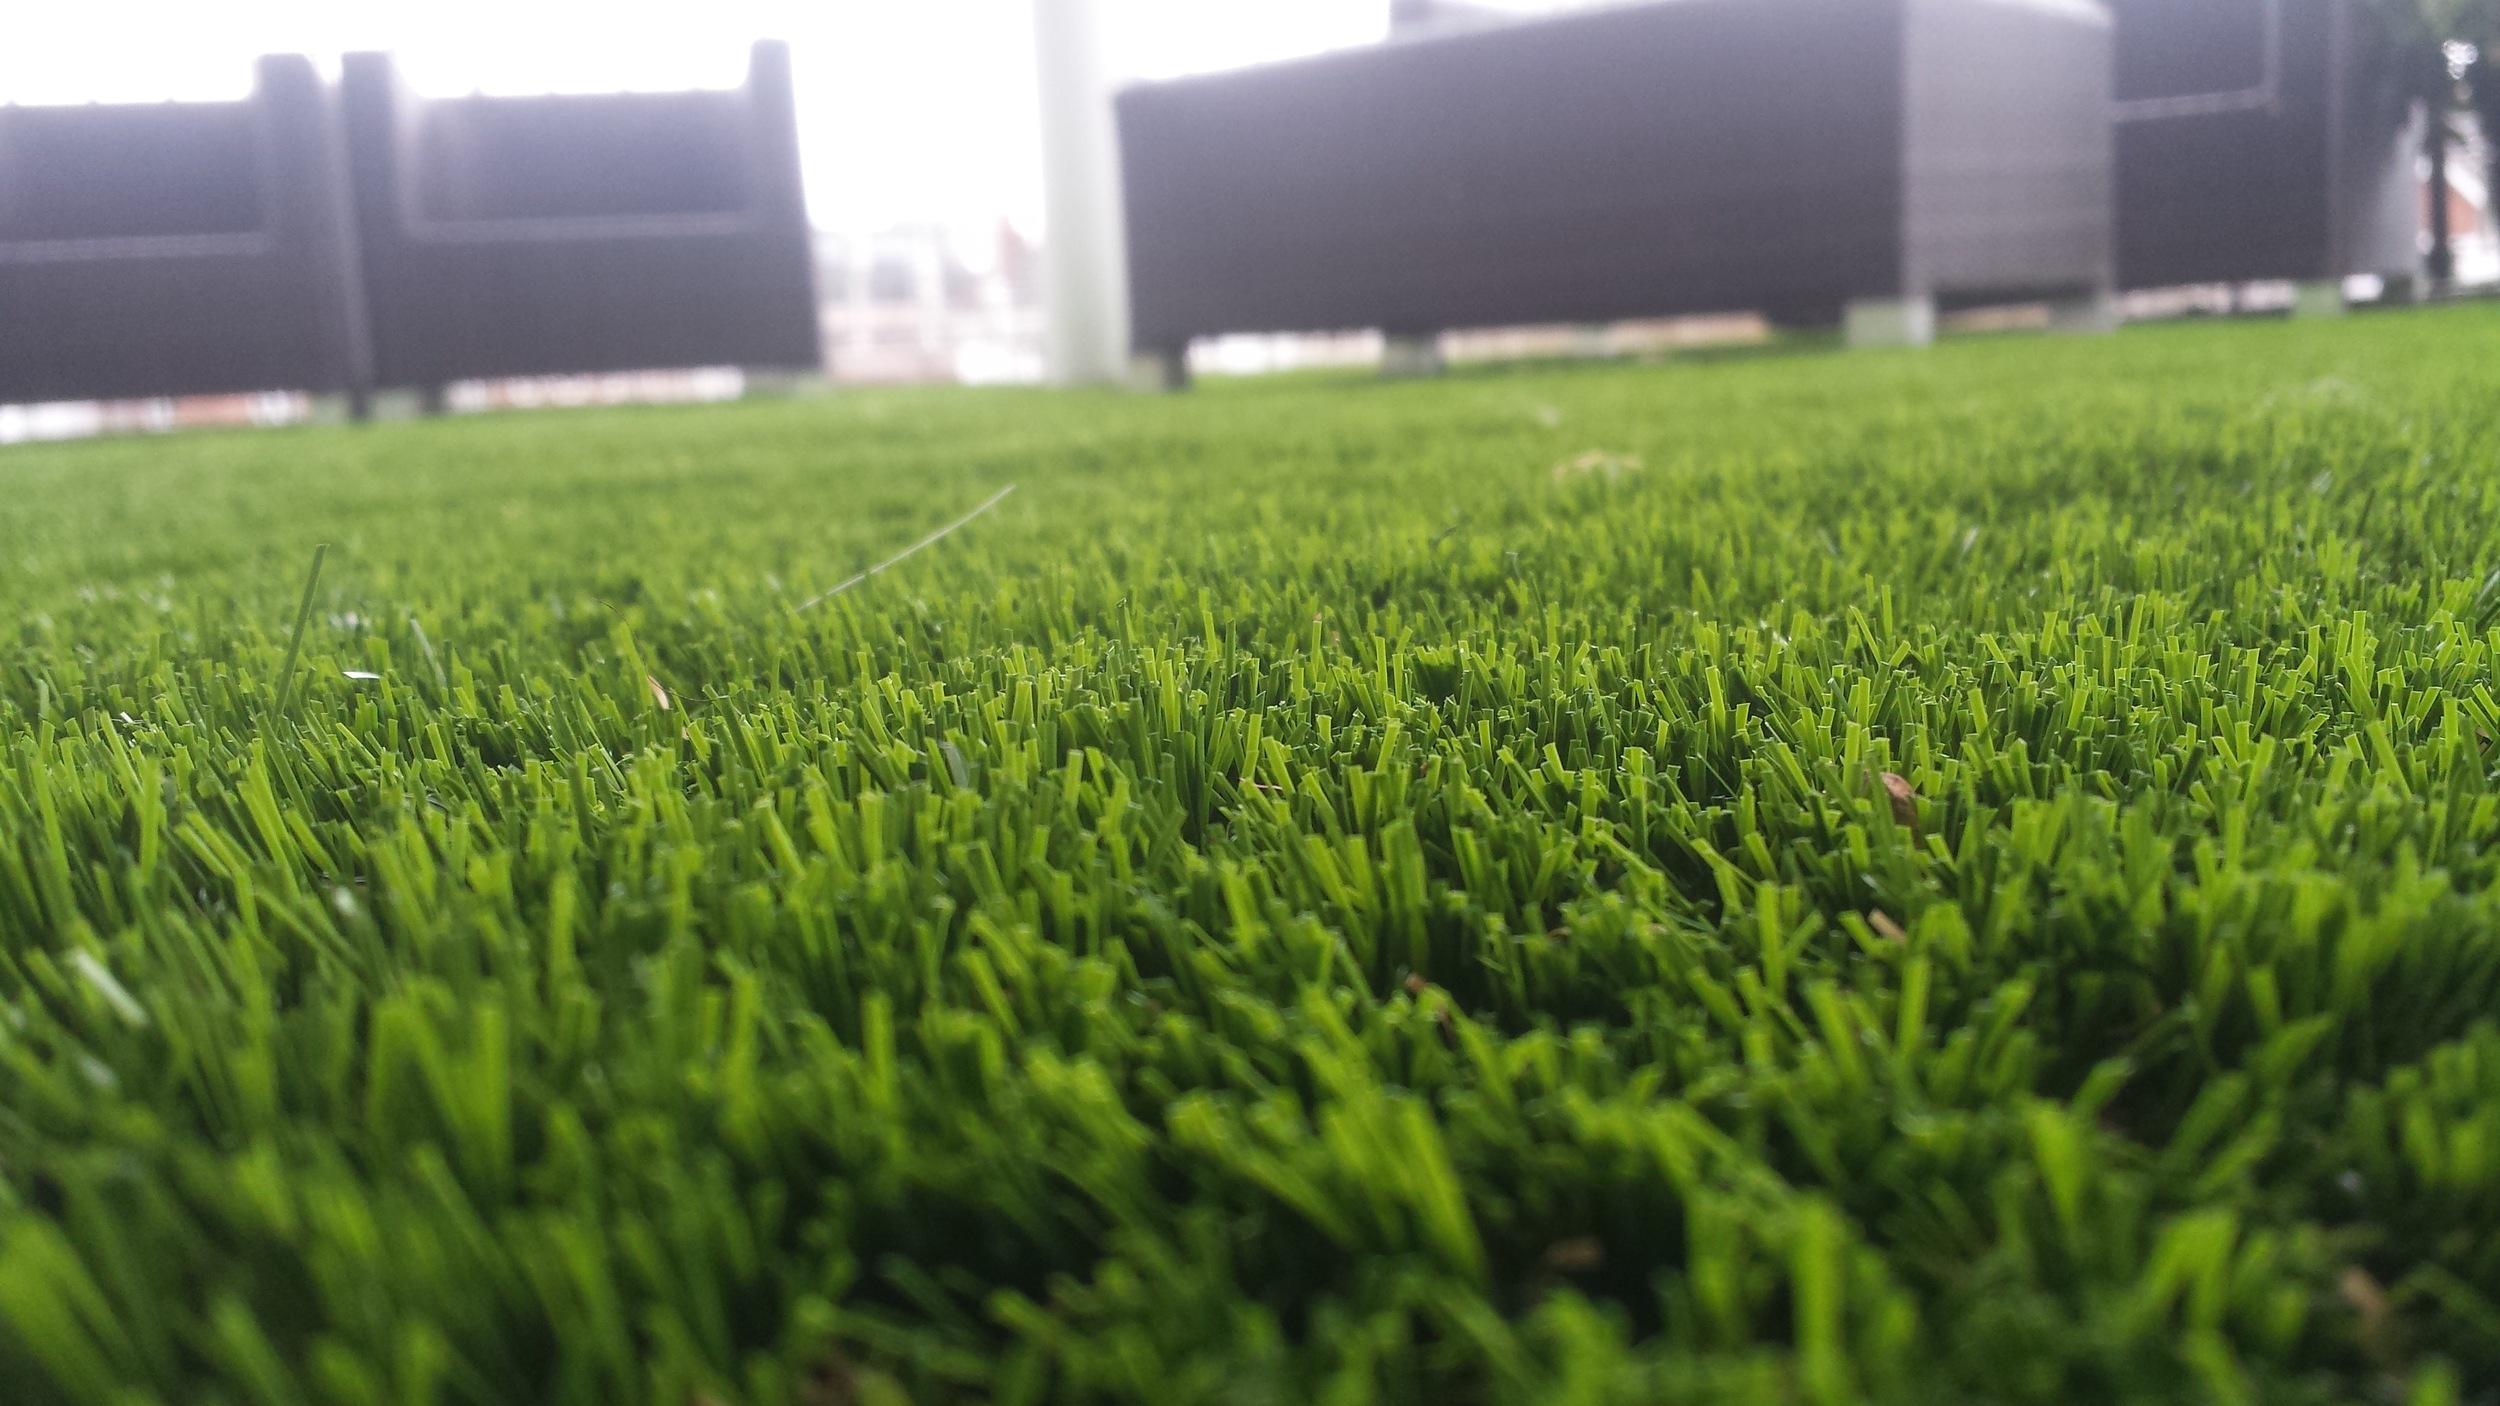 close up of artificial balcony grass